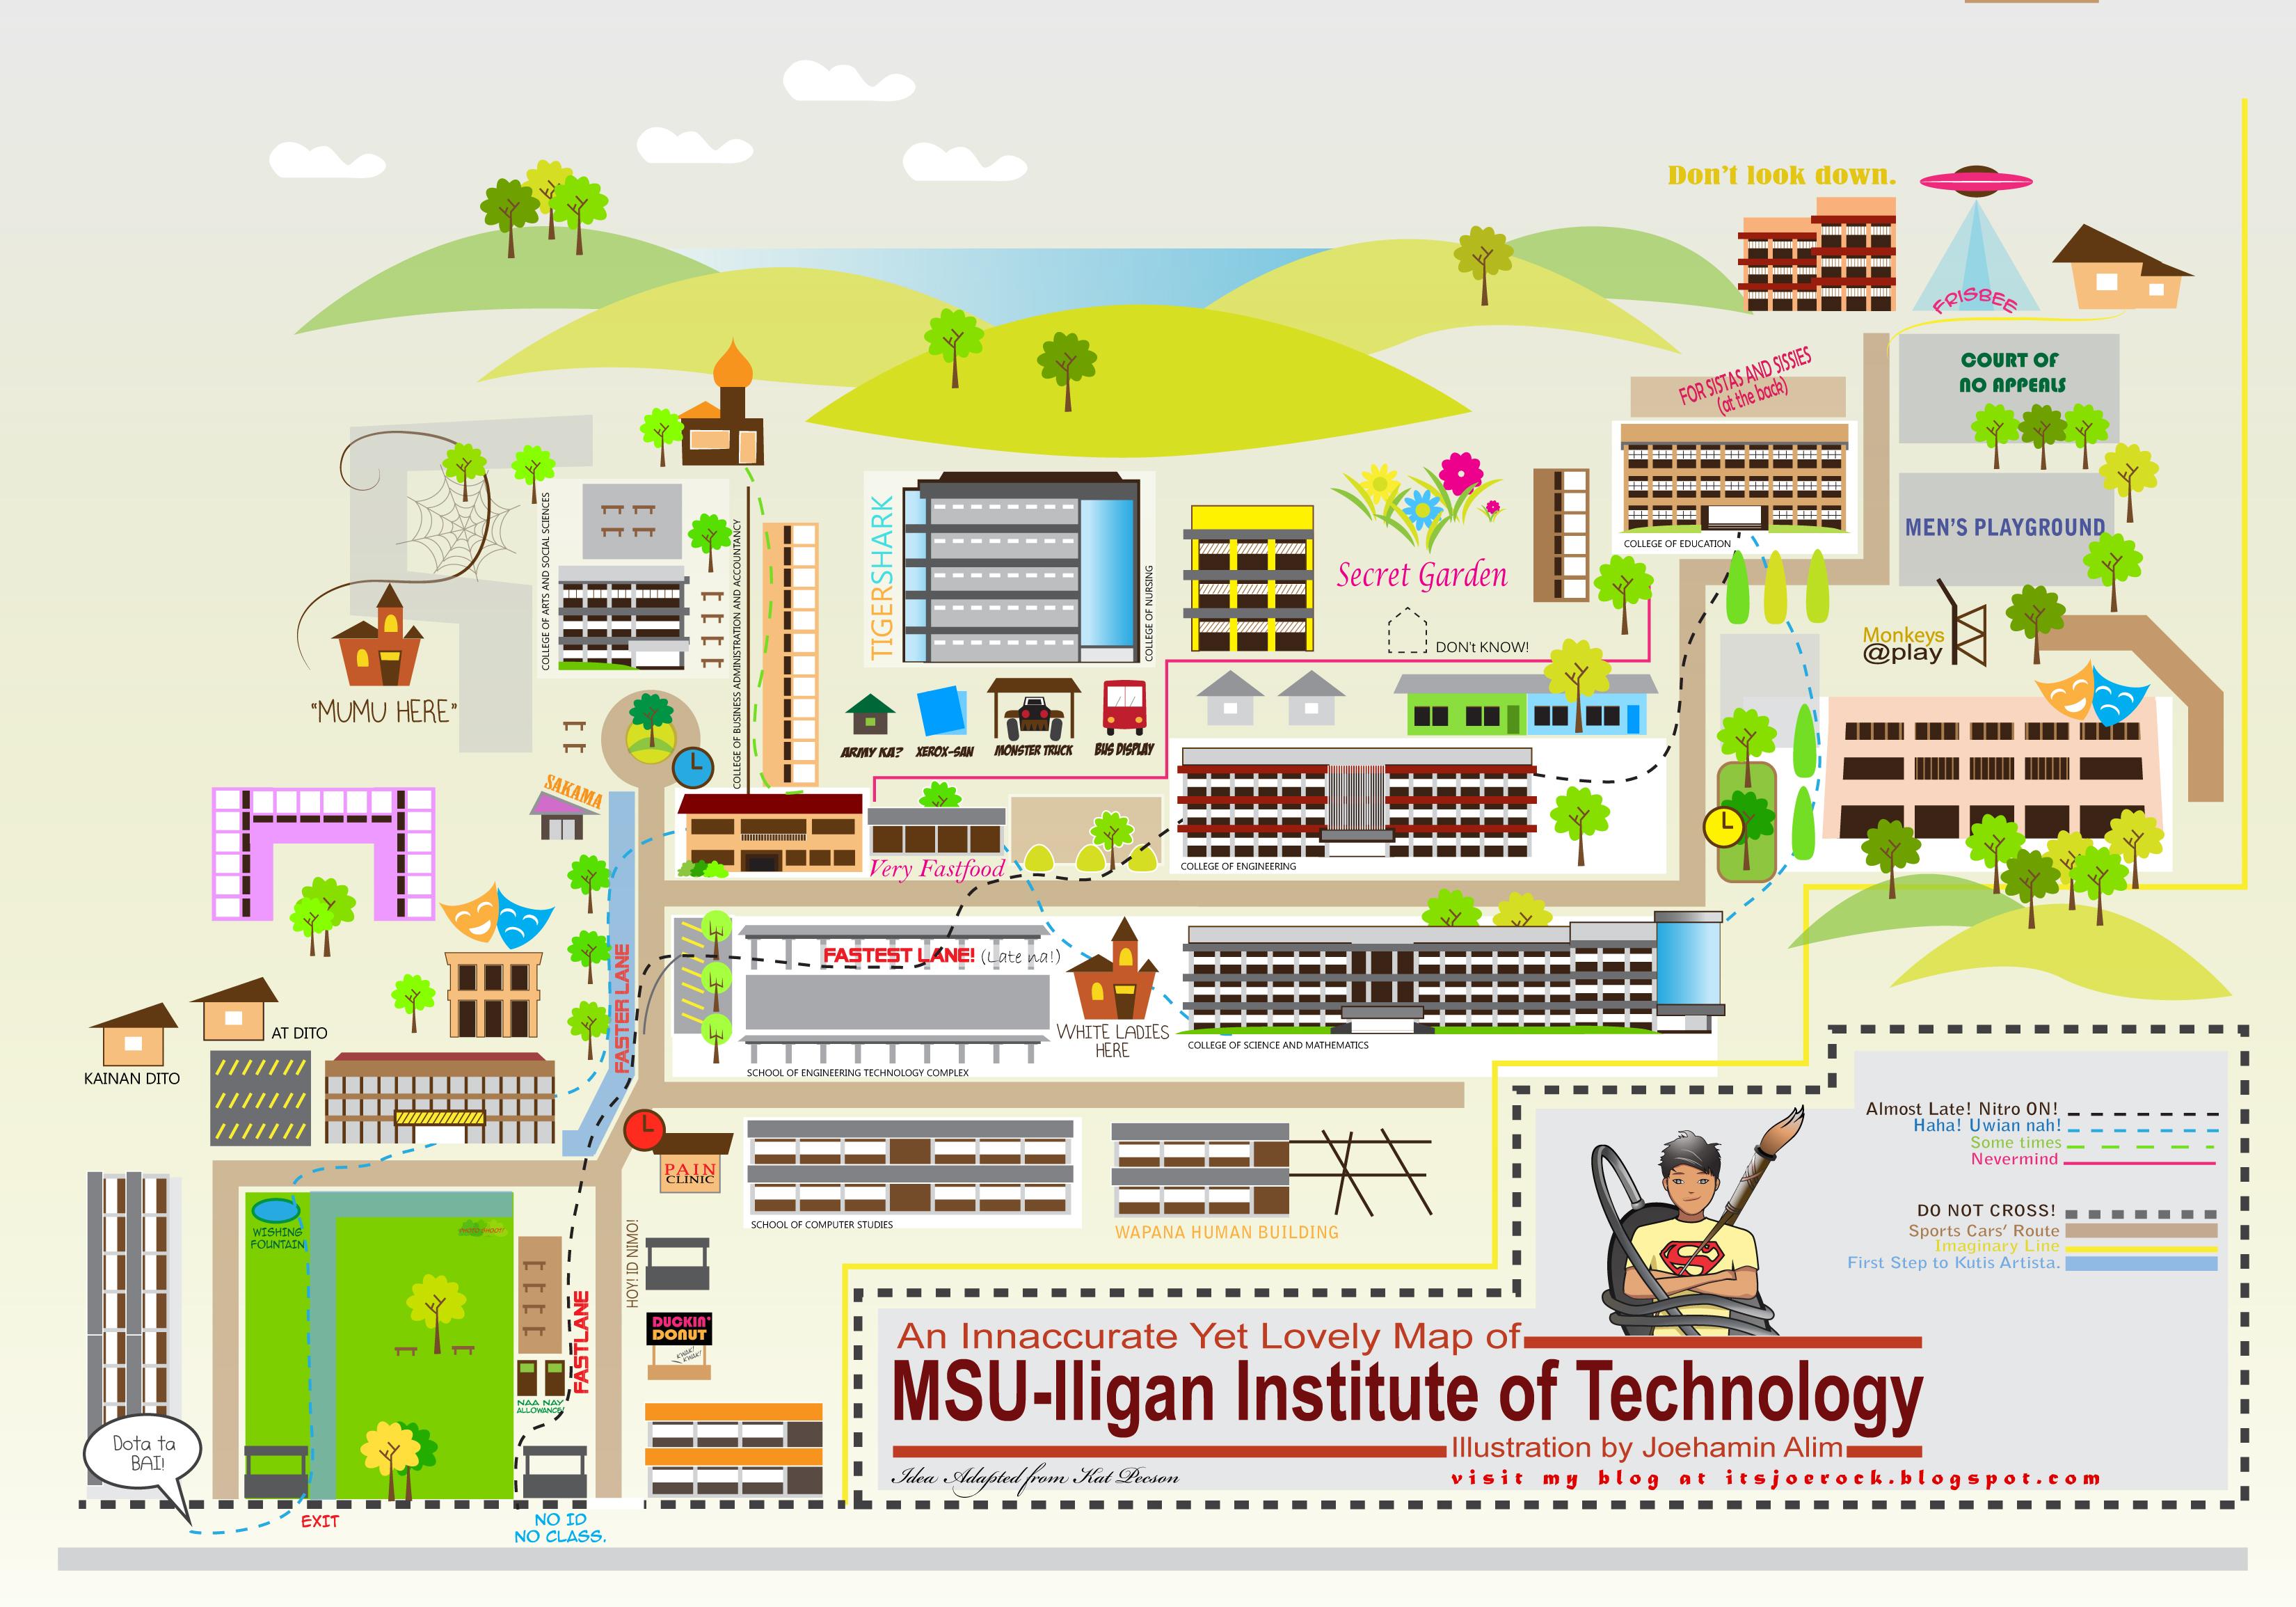 MSU IIT Campus Map by joethegreat12 on DeviantArt